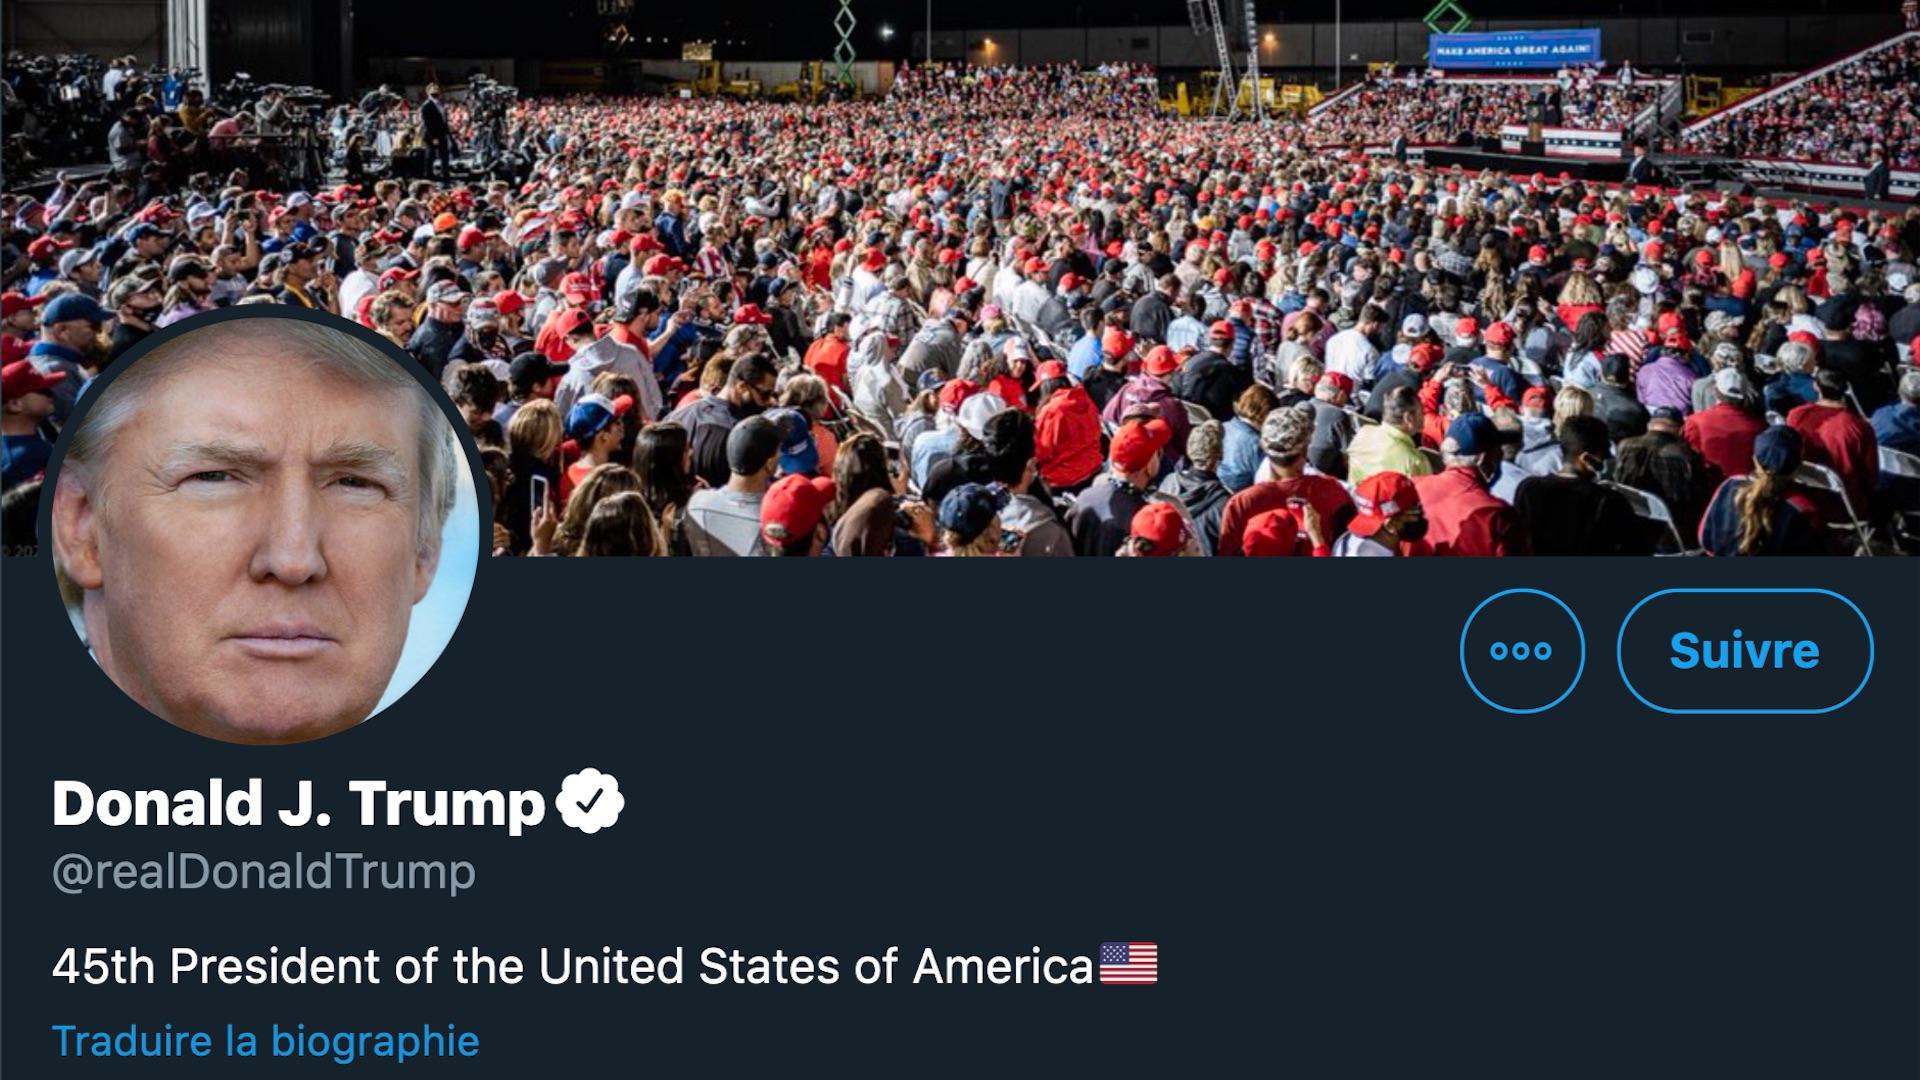 Un hacker réputé affirme s'être connecté au compte Twitter de Donald Trump